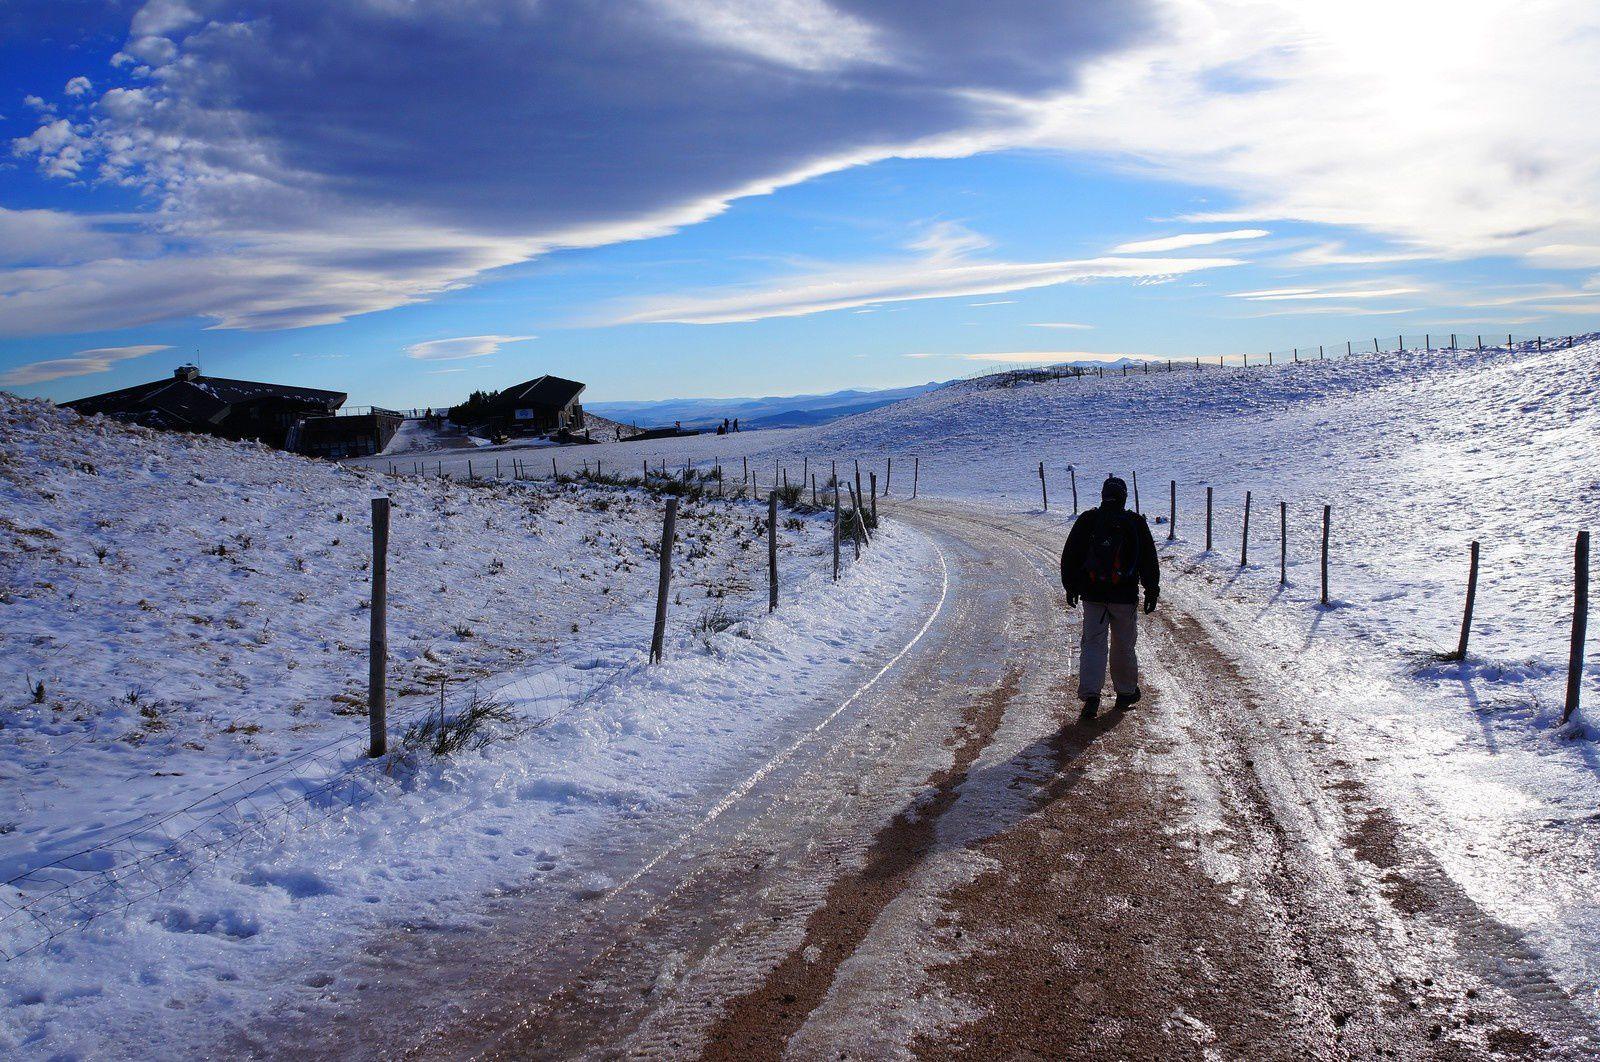 Balade hivernale au sommet du Puy de Dôme